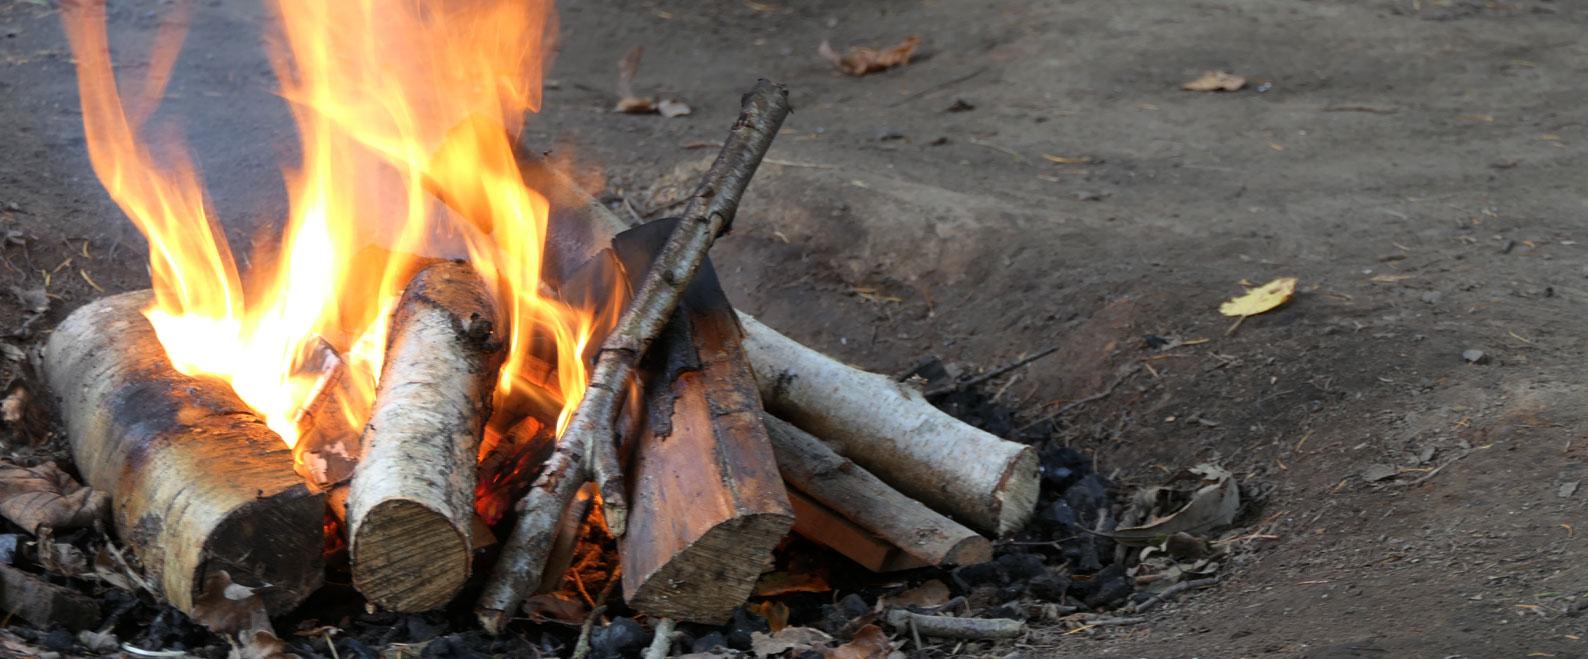 Fire & Pedagogy